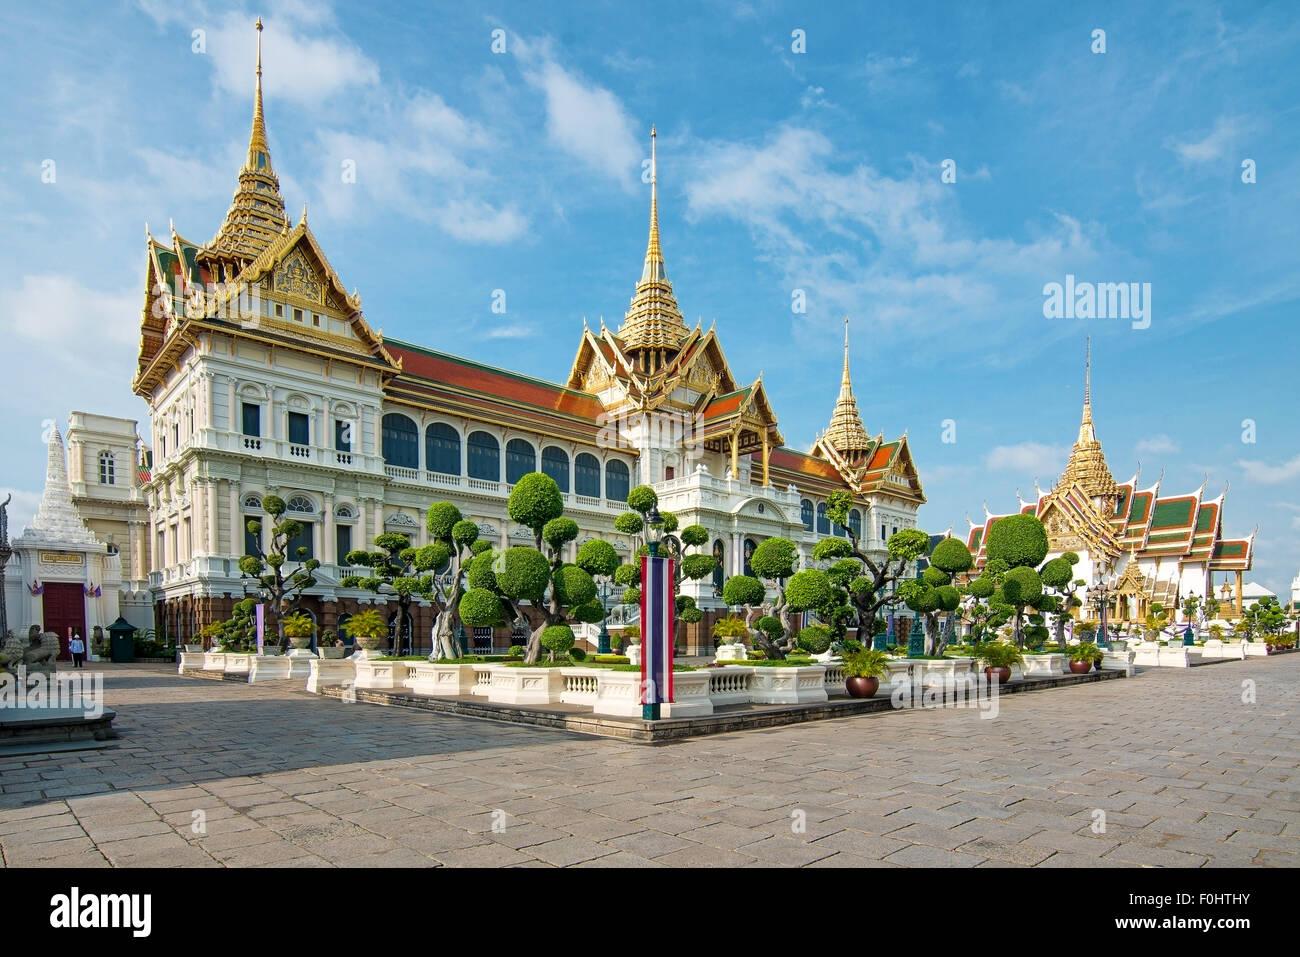 Gran palacio real en Bangkok, Tailandia en Asia Imagen De Stock